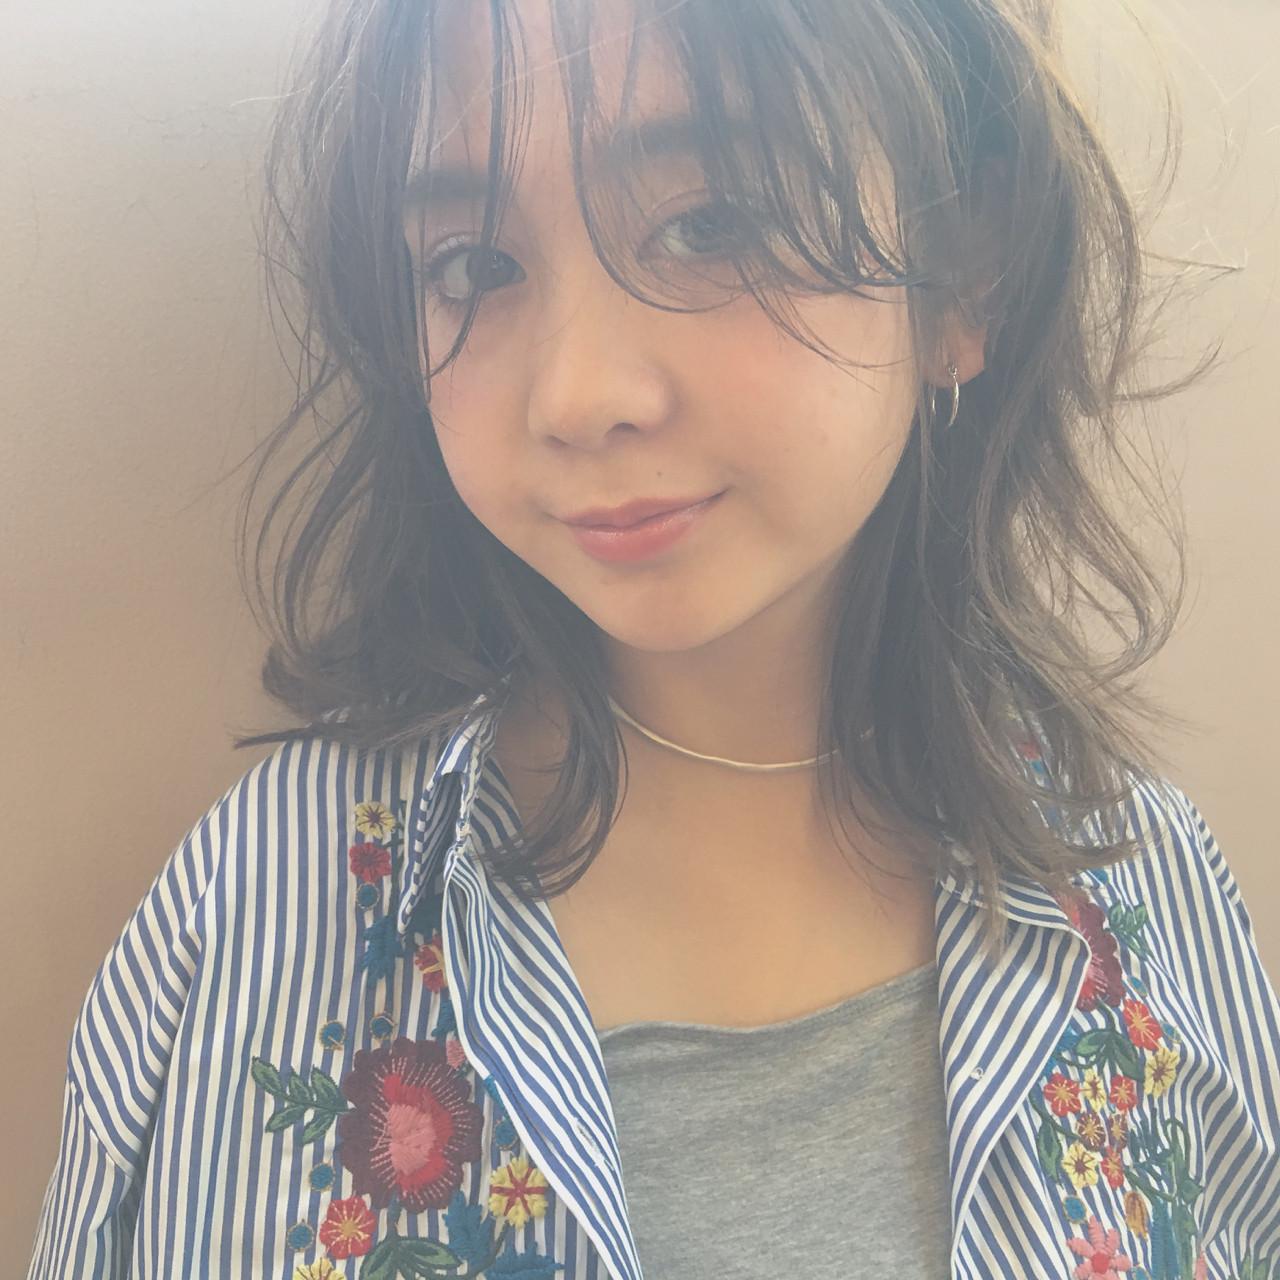 抜け感 ミディアム パーマ シースルーバング ヘアスタイルや髪型の写真・画像